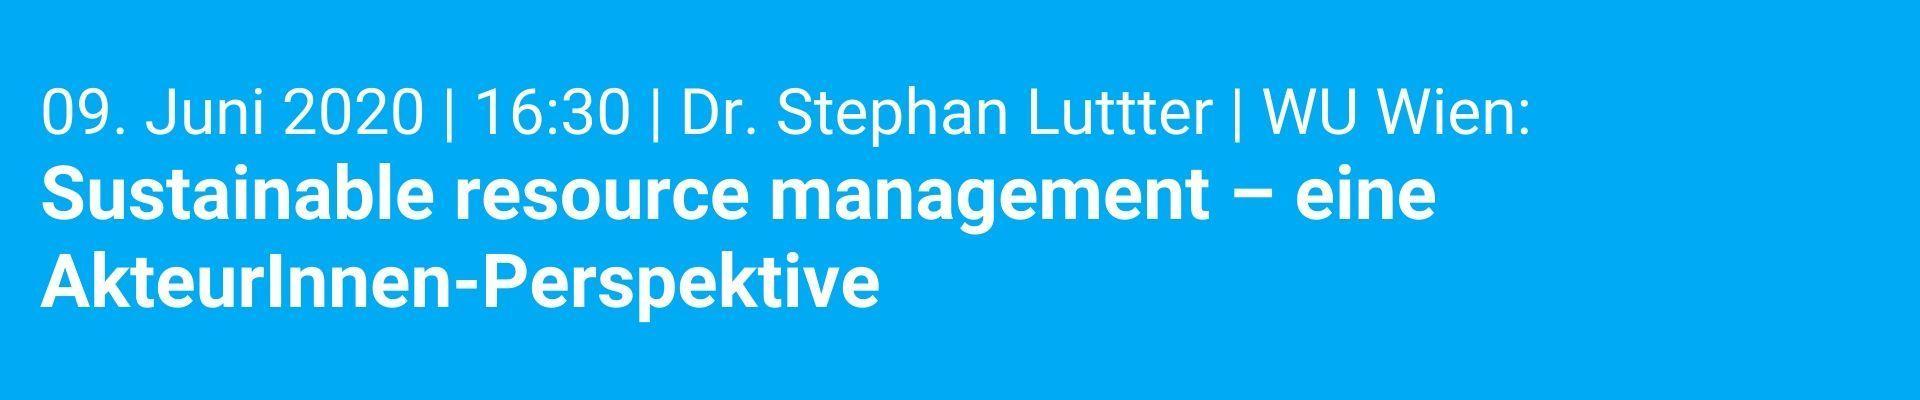 Sustainable resource management - eine AkteurInnen-Perspektive